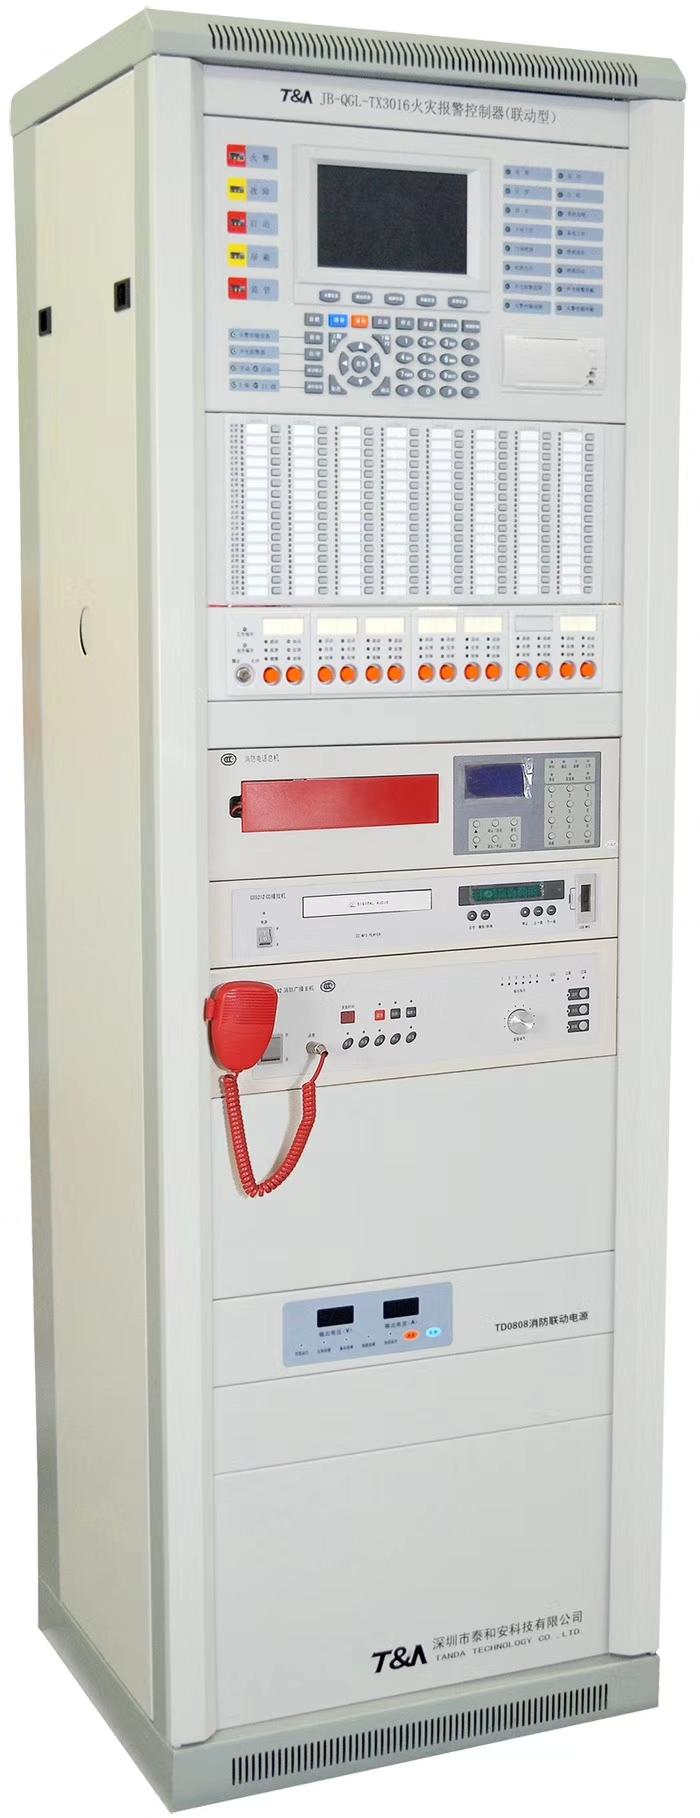 火警报警控制器